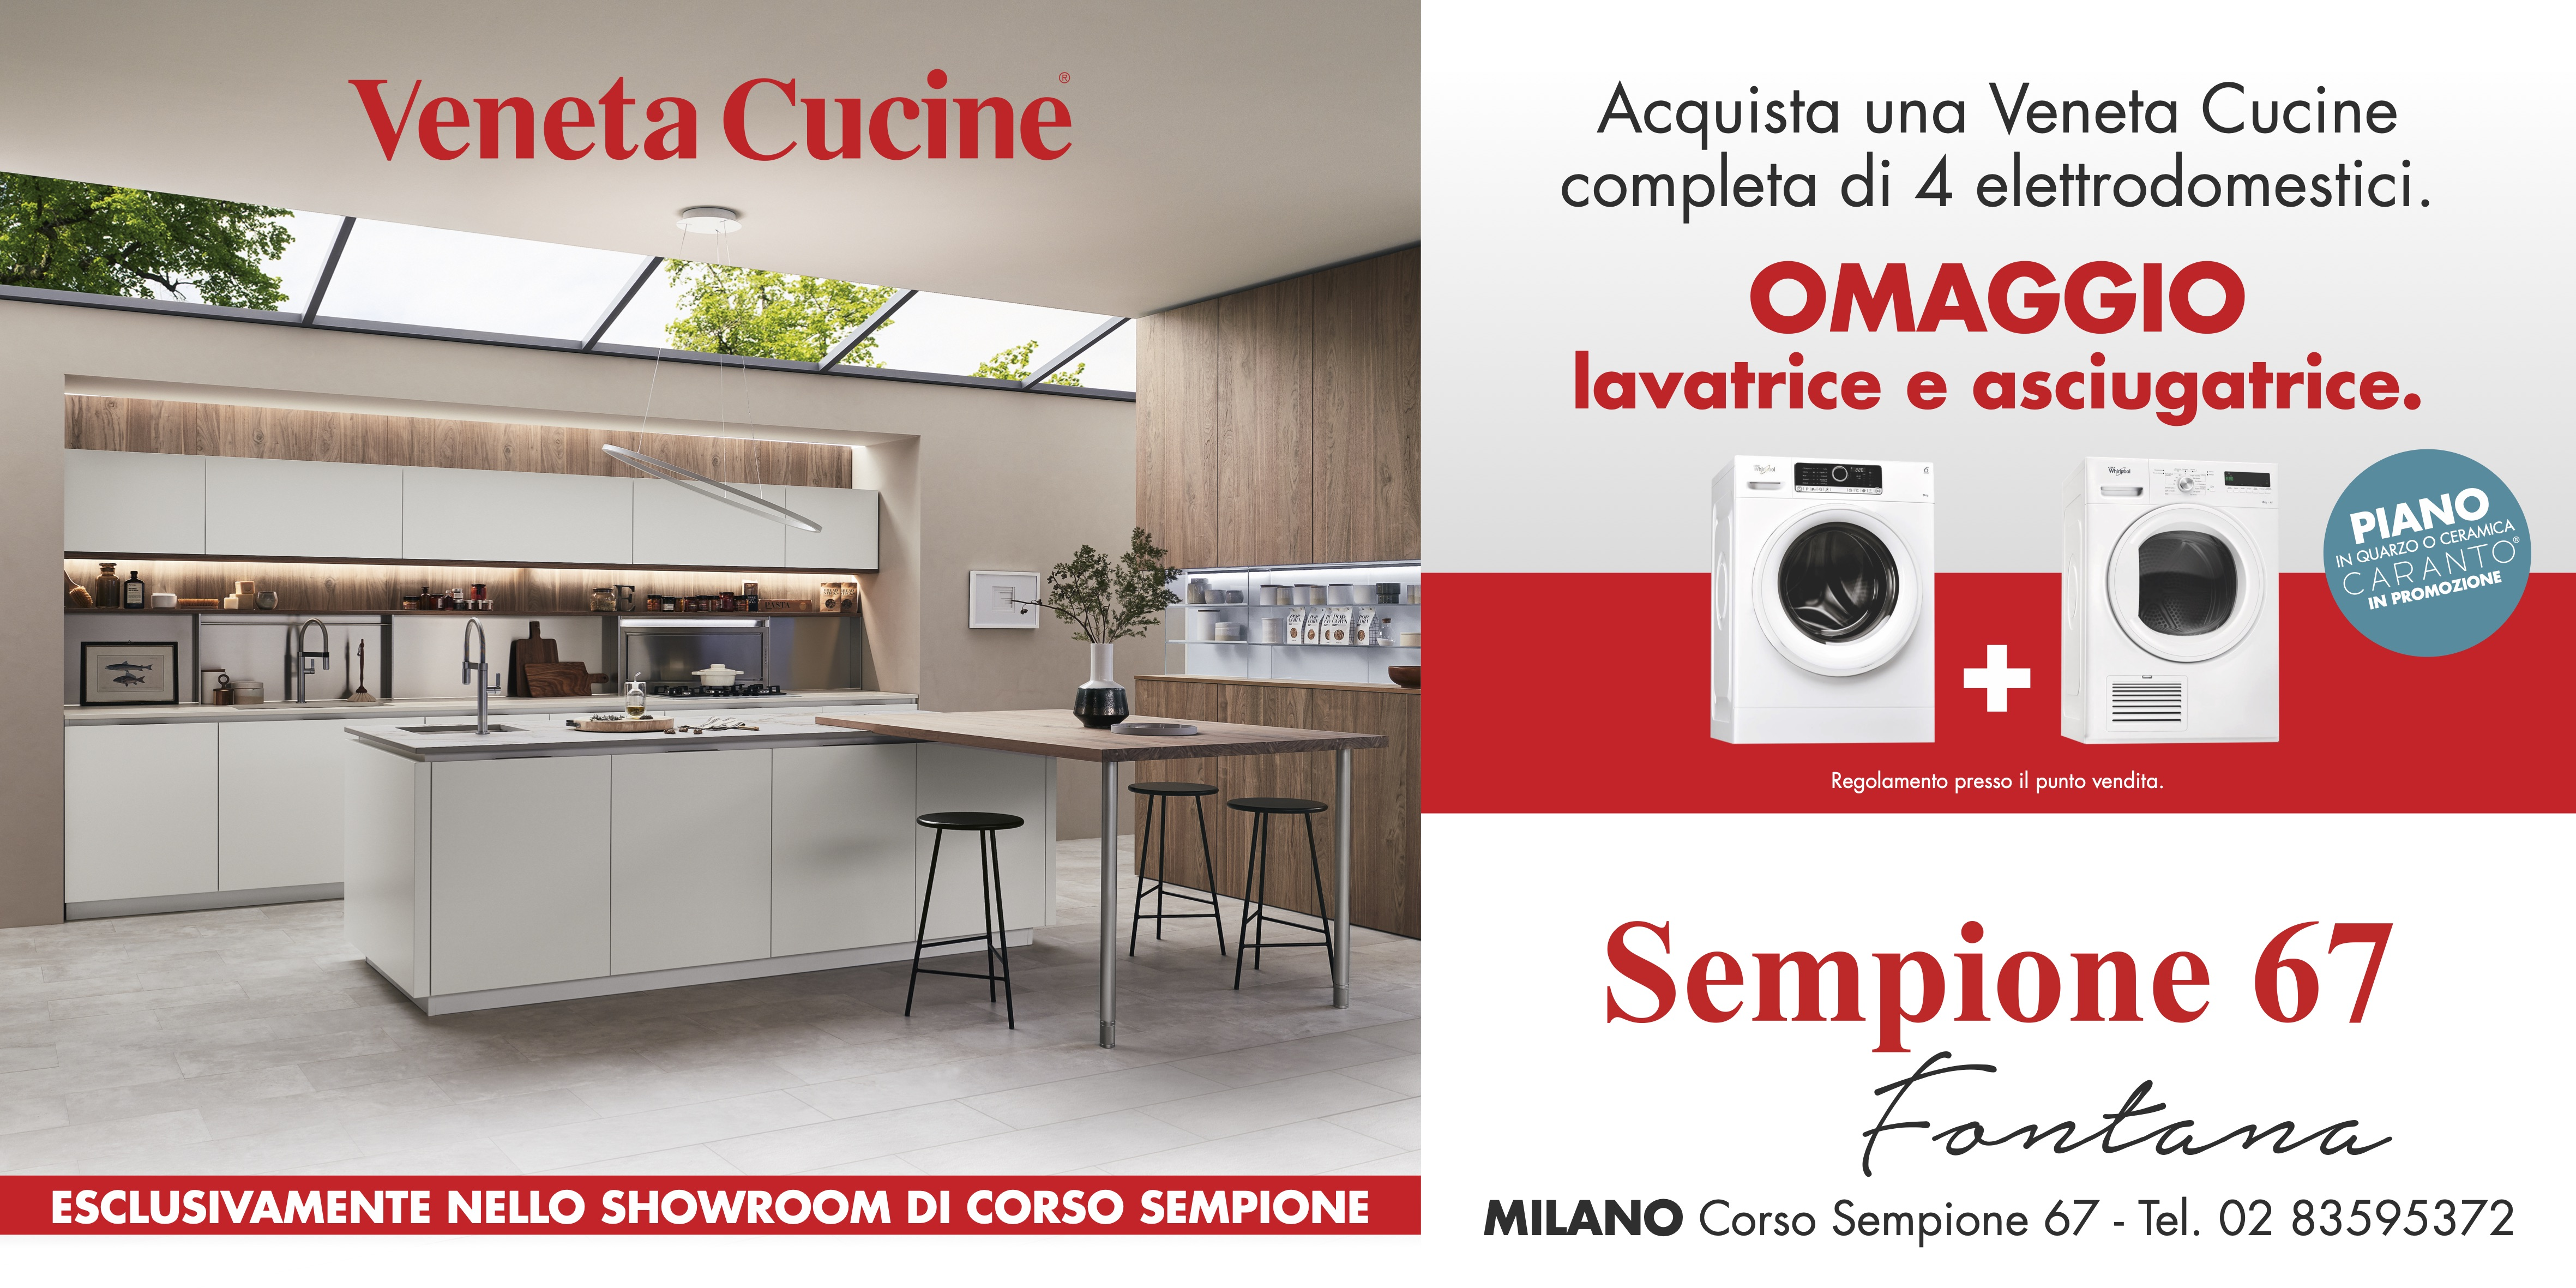 Veneta Cucine   Negozio di Corso Sempione 67 a Milano